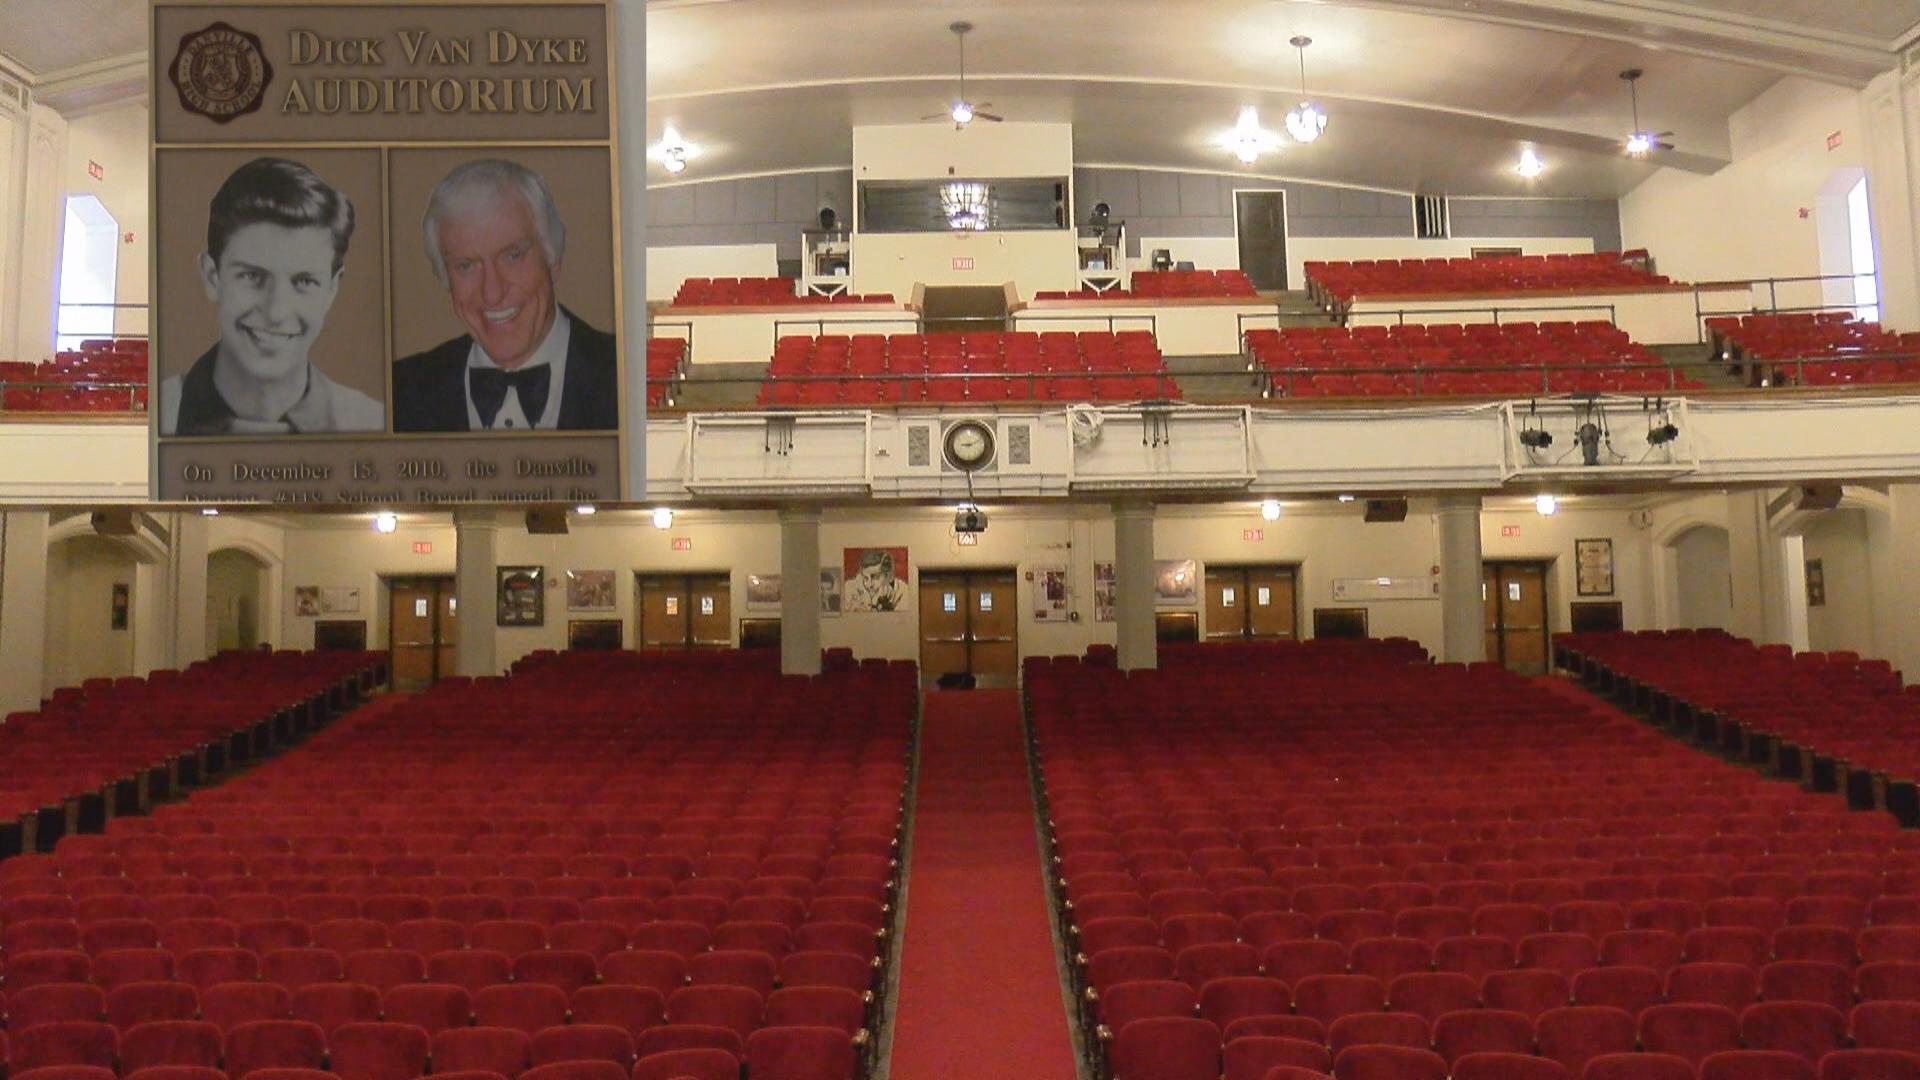 danville high school auditorium dick van dyke_1530218094323.jpg-54787065.jpg